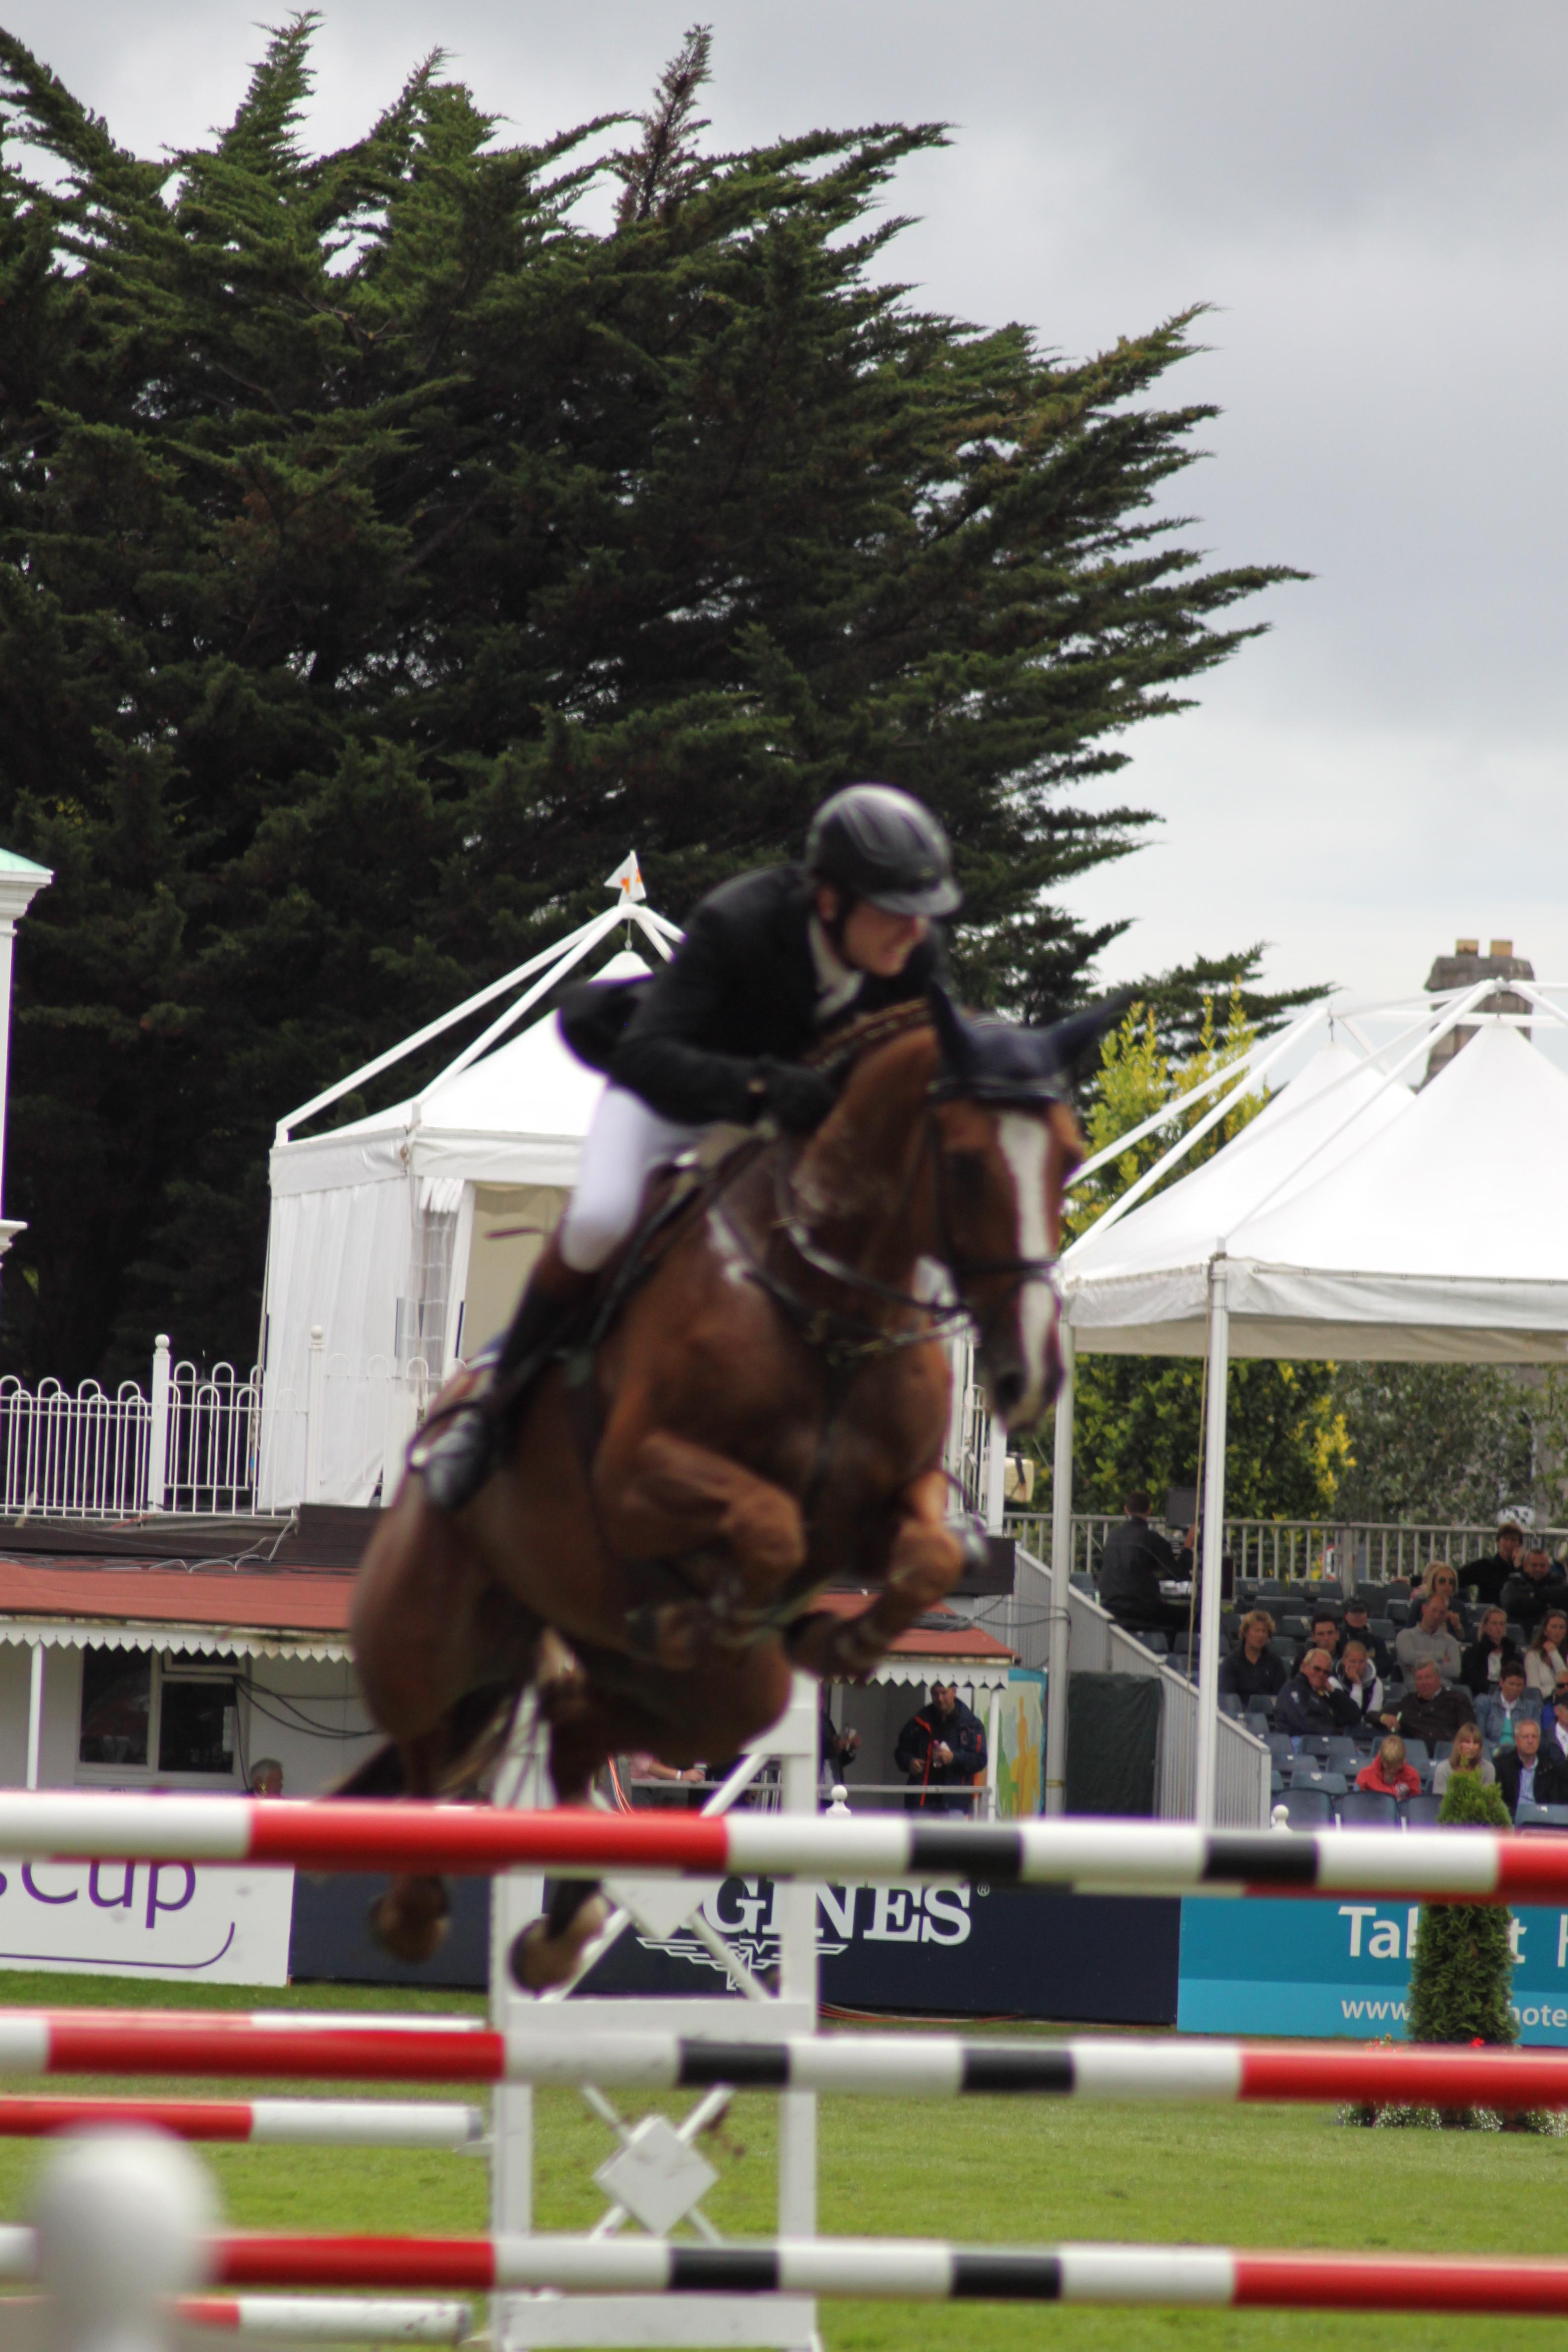 Dublin Horse Show Jumping Qualifiers 2013 Equestrian News Ni